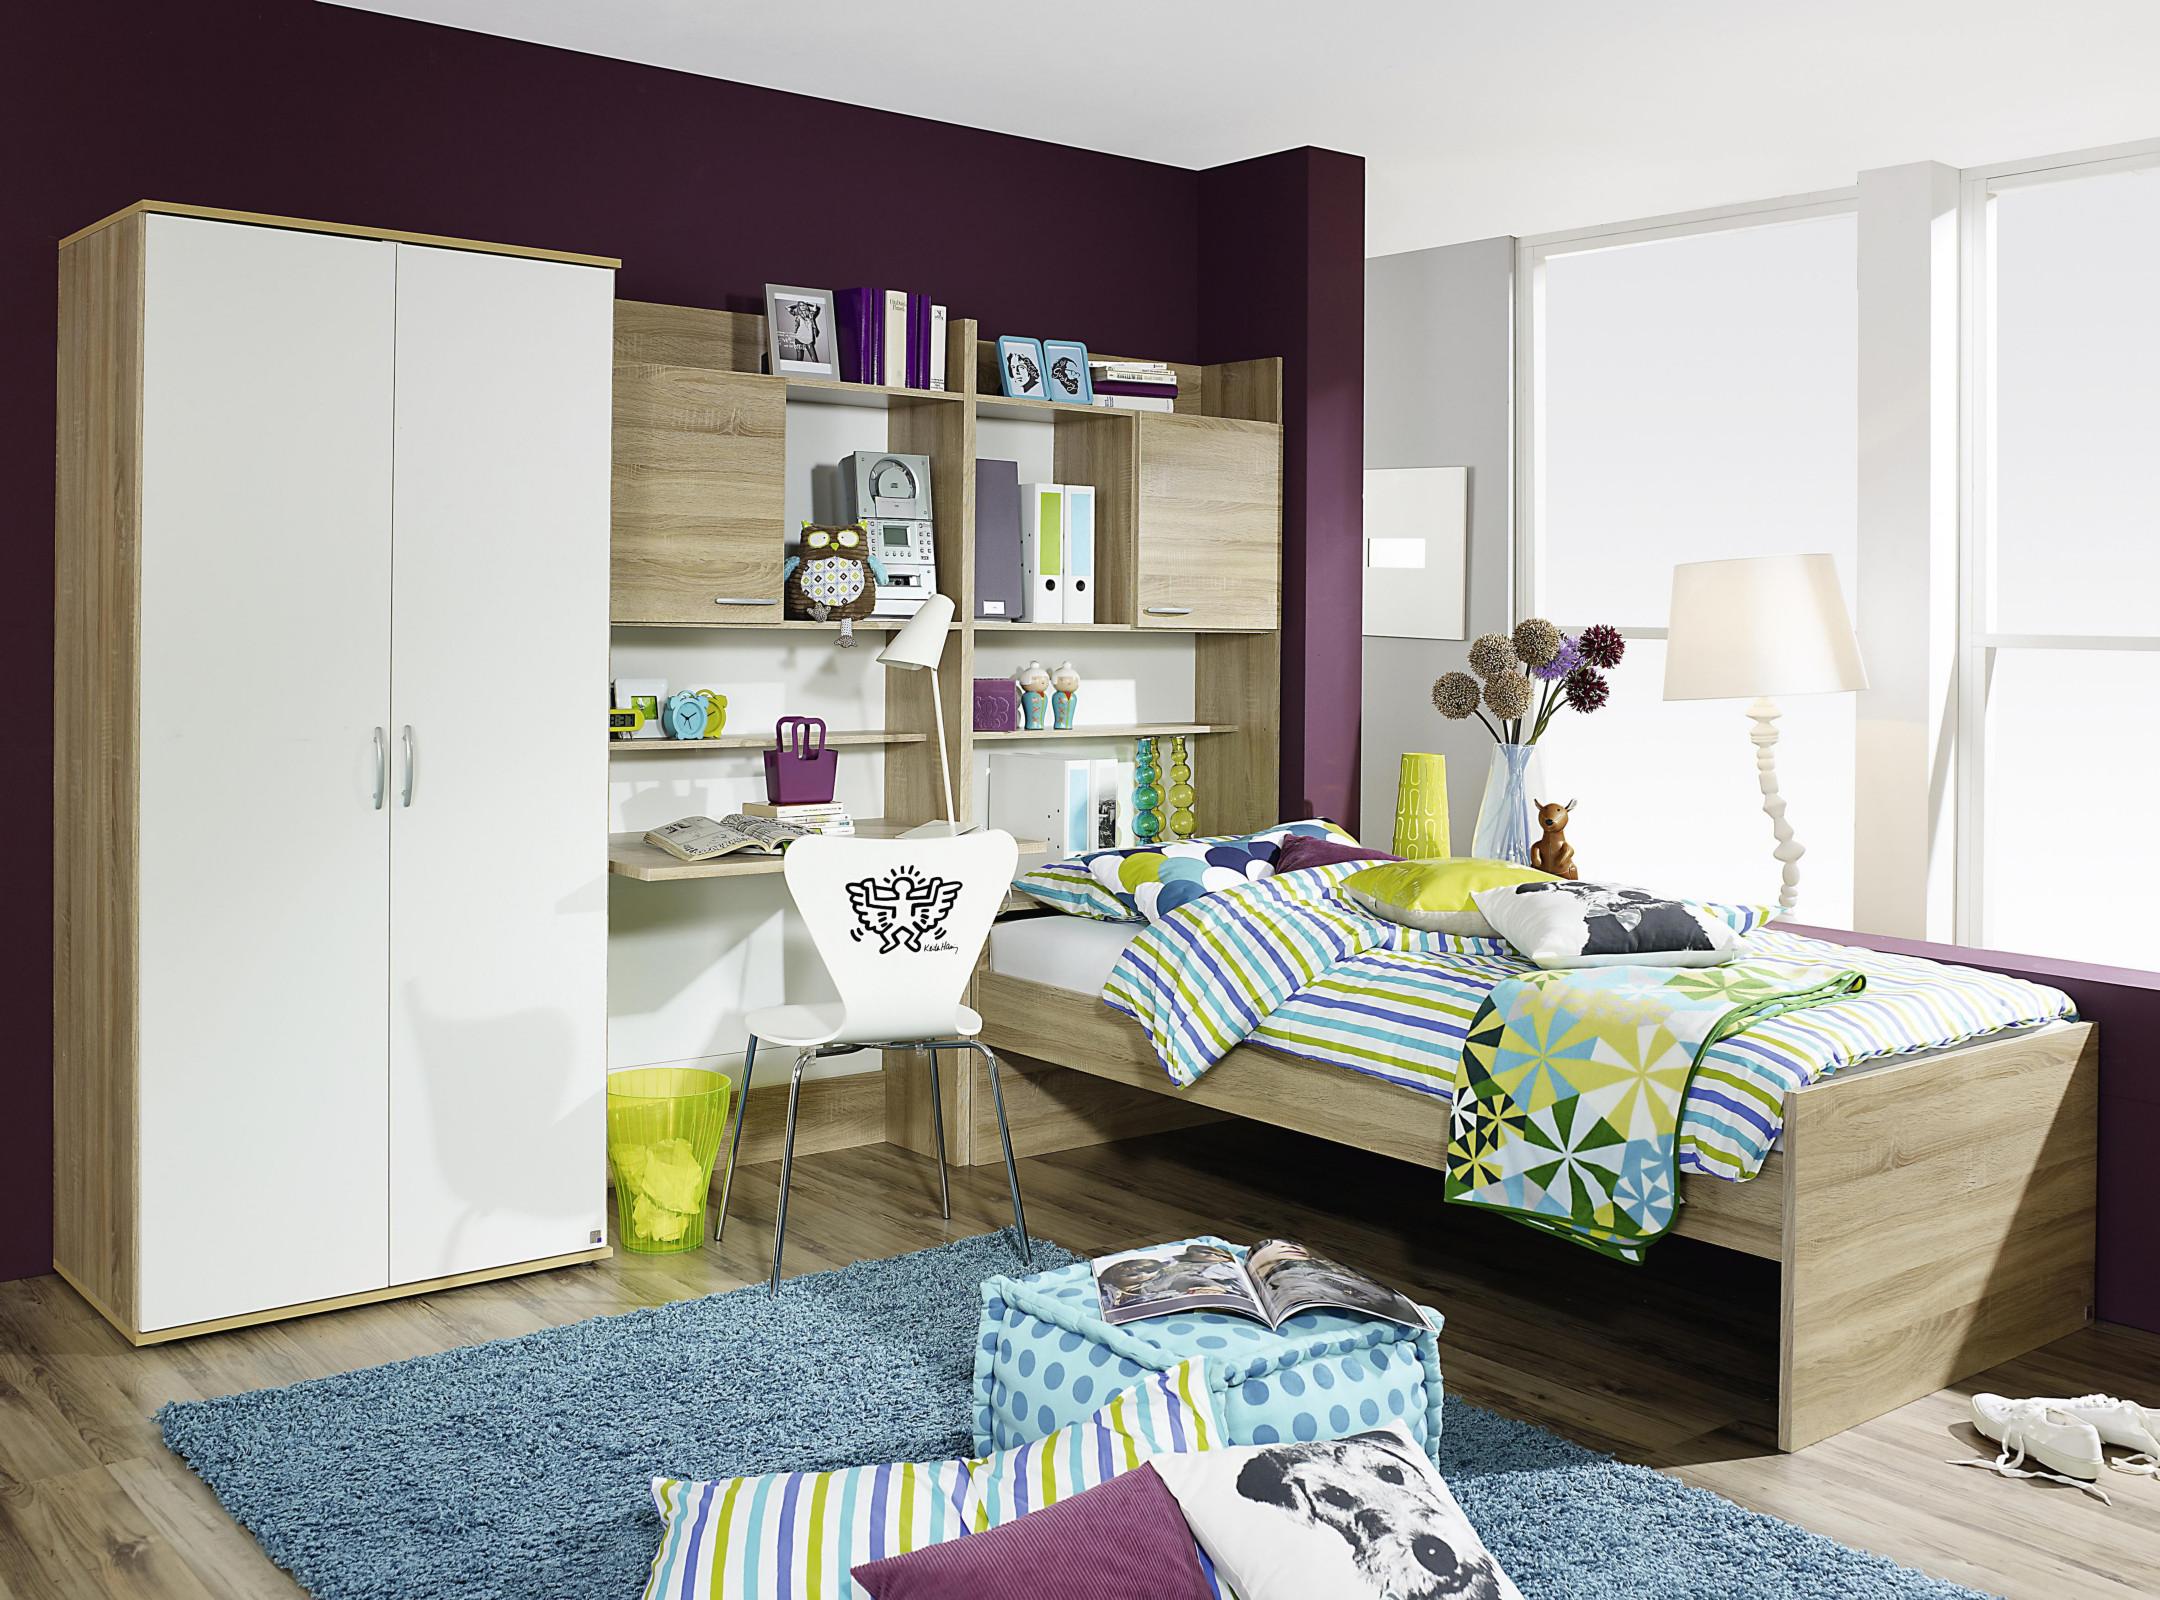 Jugendzimmer mit bett 90 x 200 cm alpinweiss eiche sonoma for Jugendzimmer wenig platz